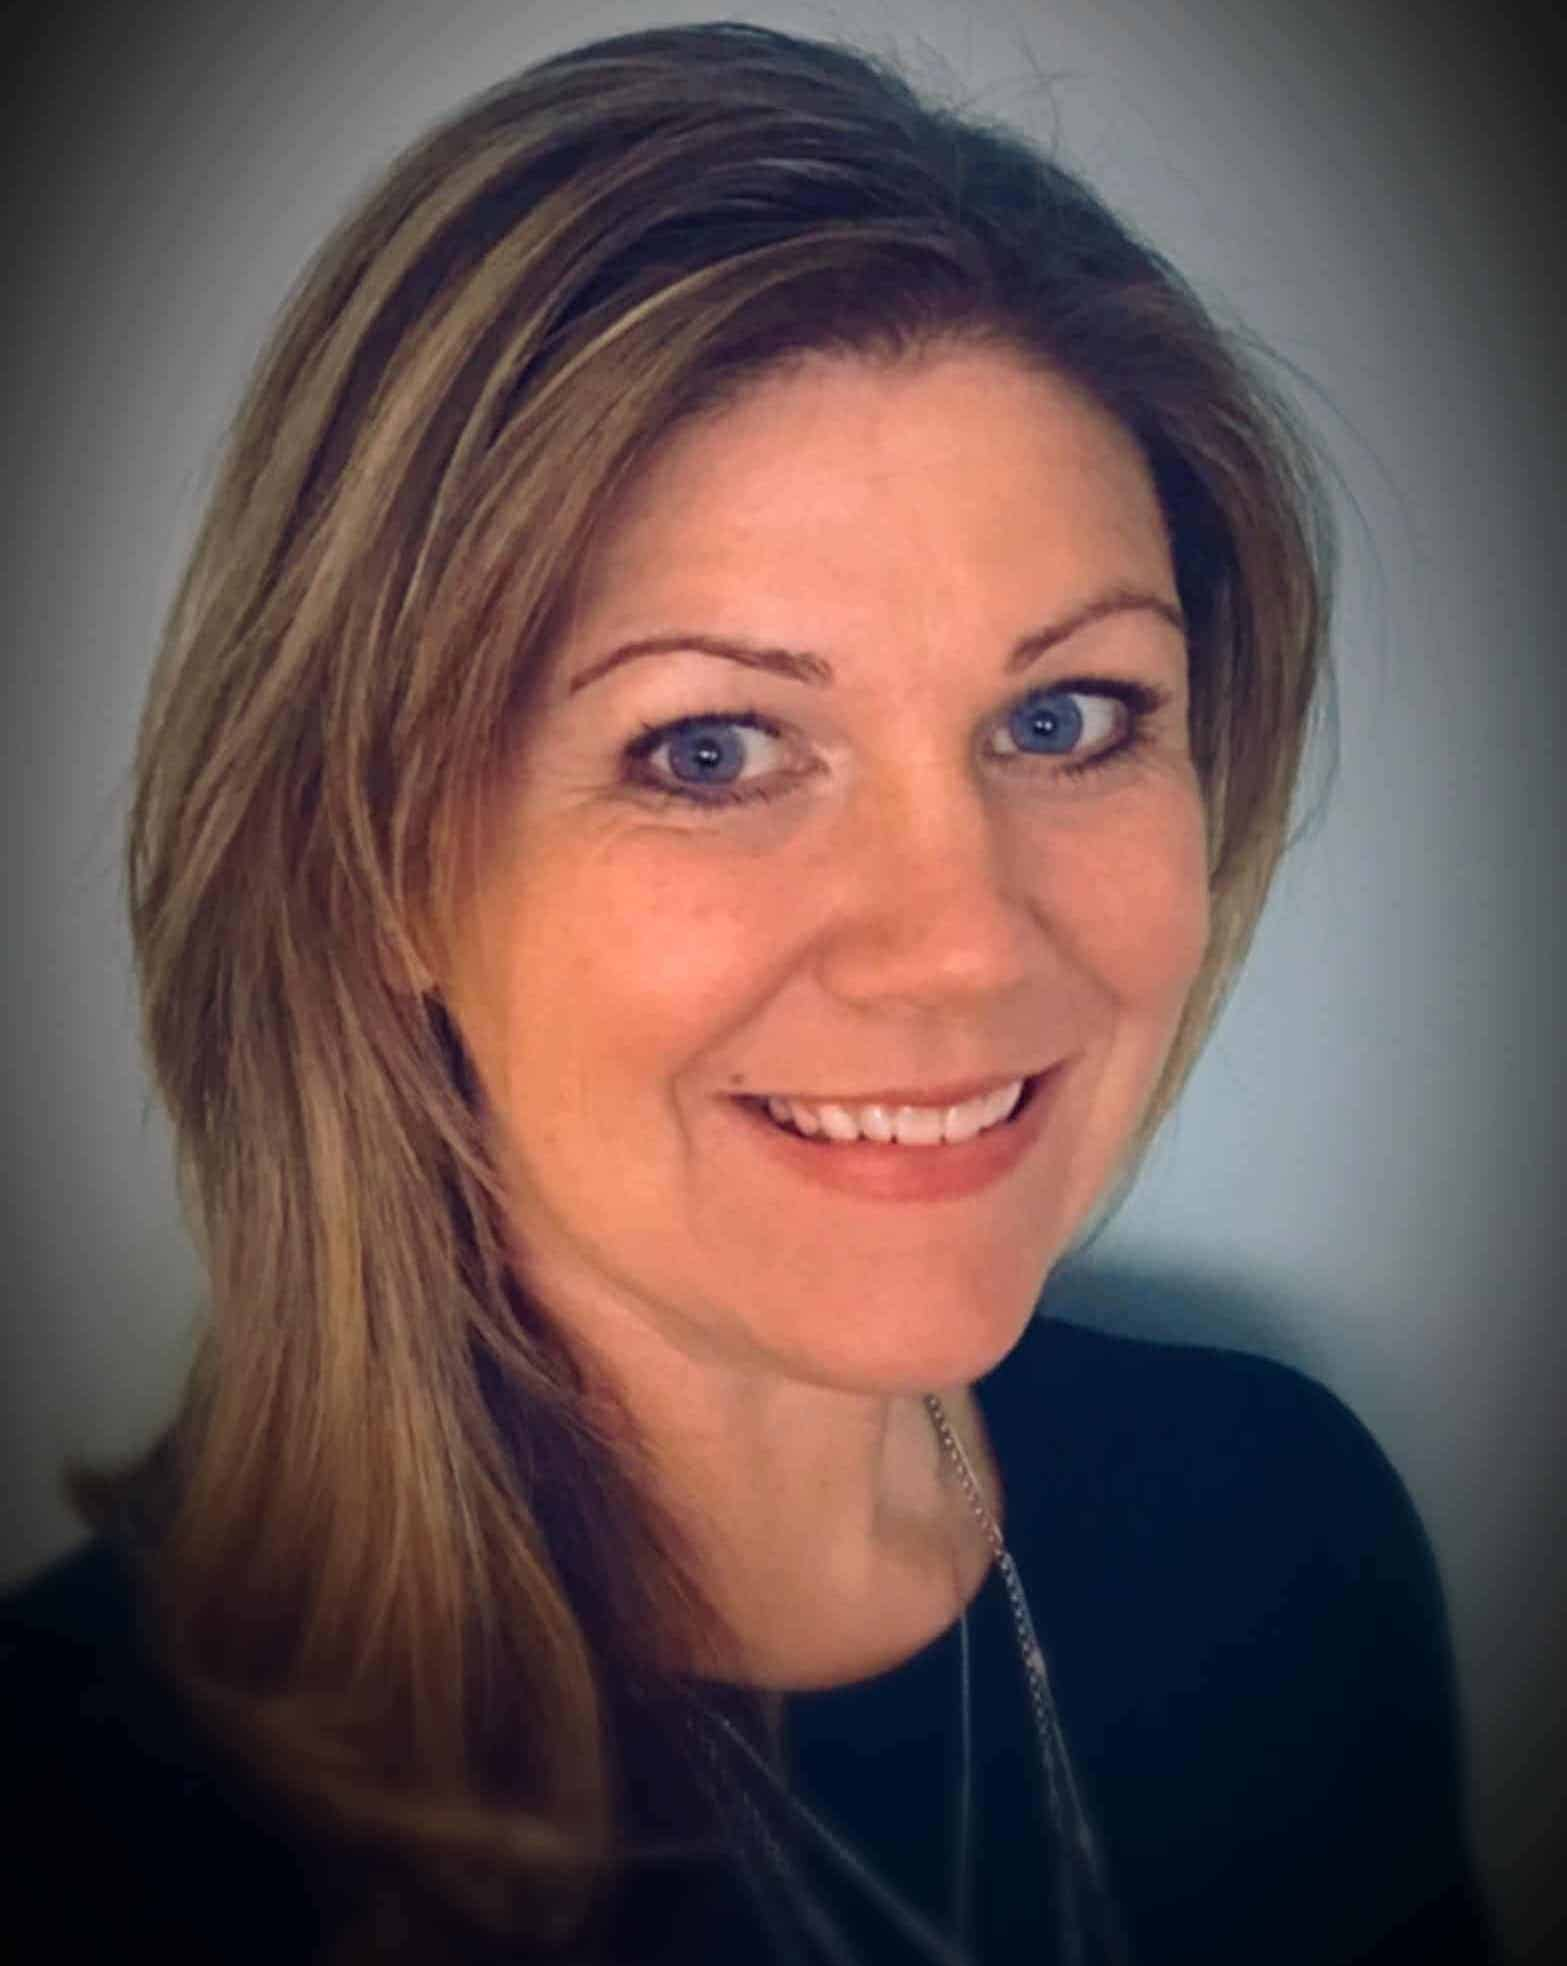 Katie Archambault